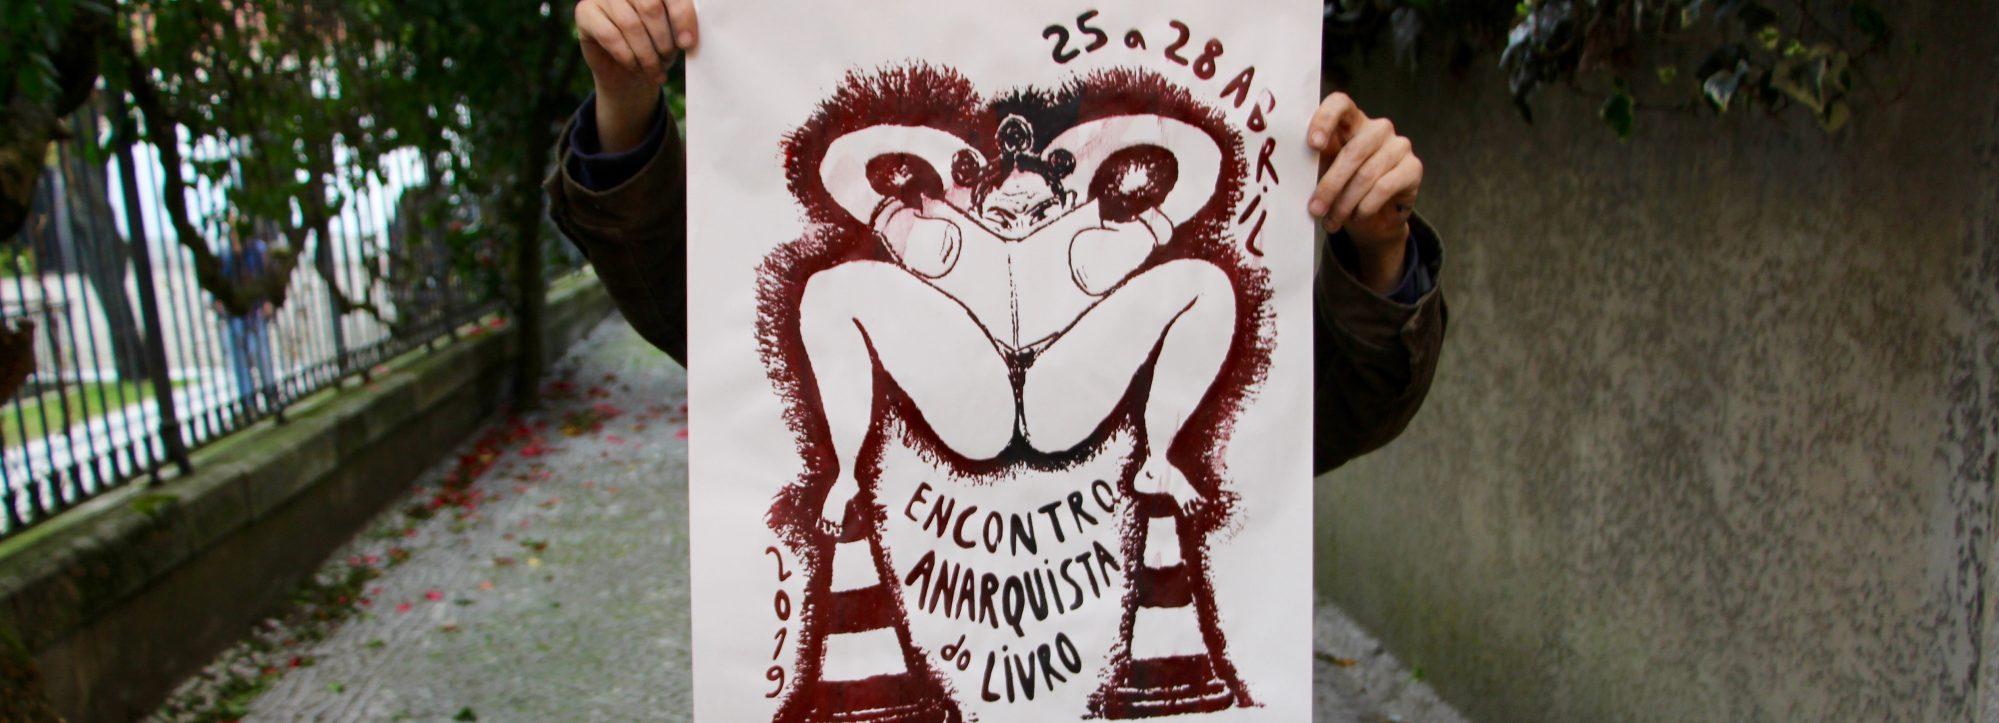 II Encontro Anarquista do Livro | Porto